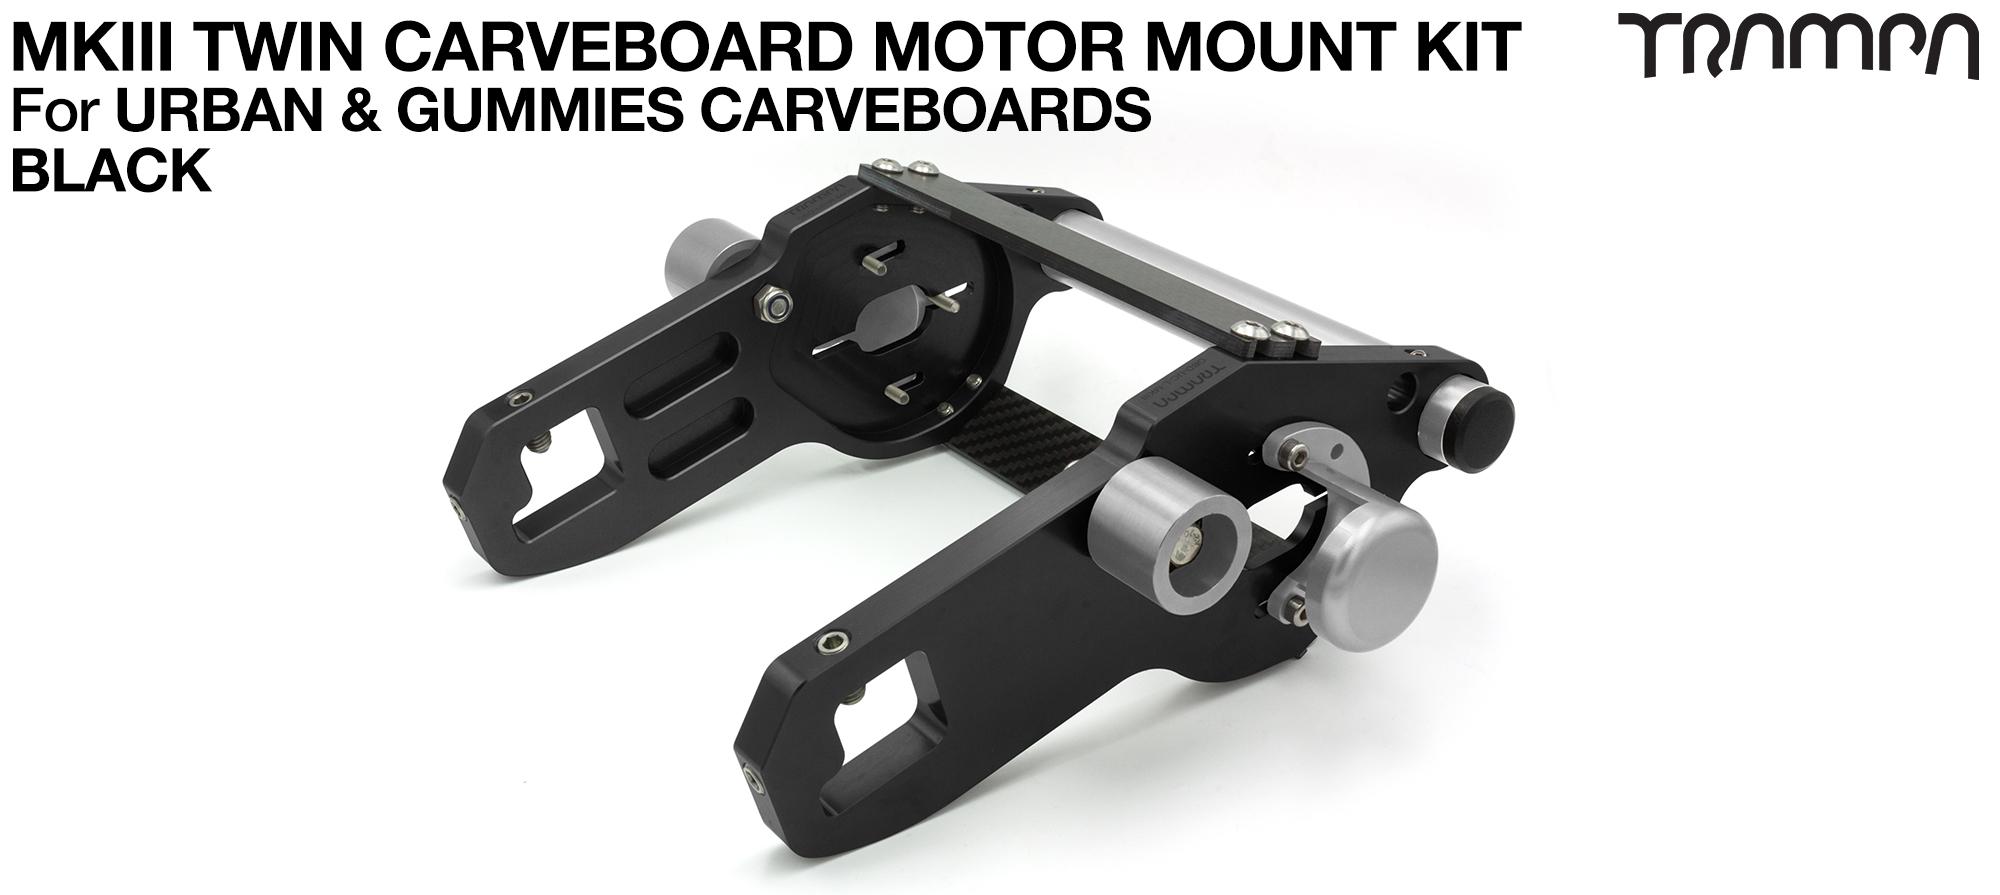 MkIII CARVE BOARD Motor Mount Kit - TWIN BLACK